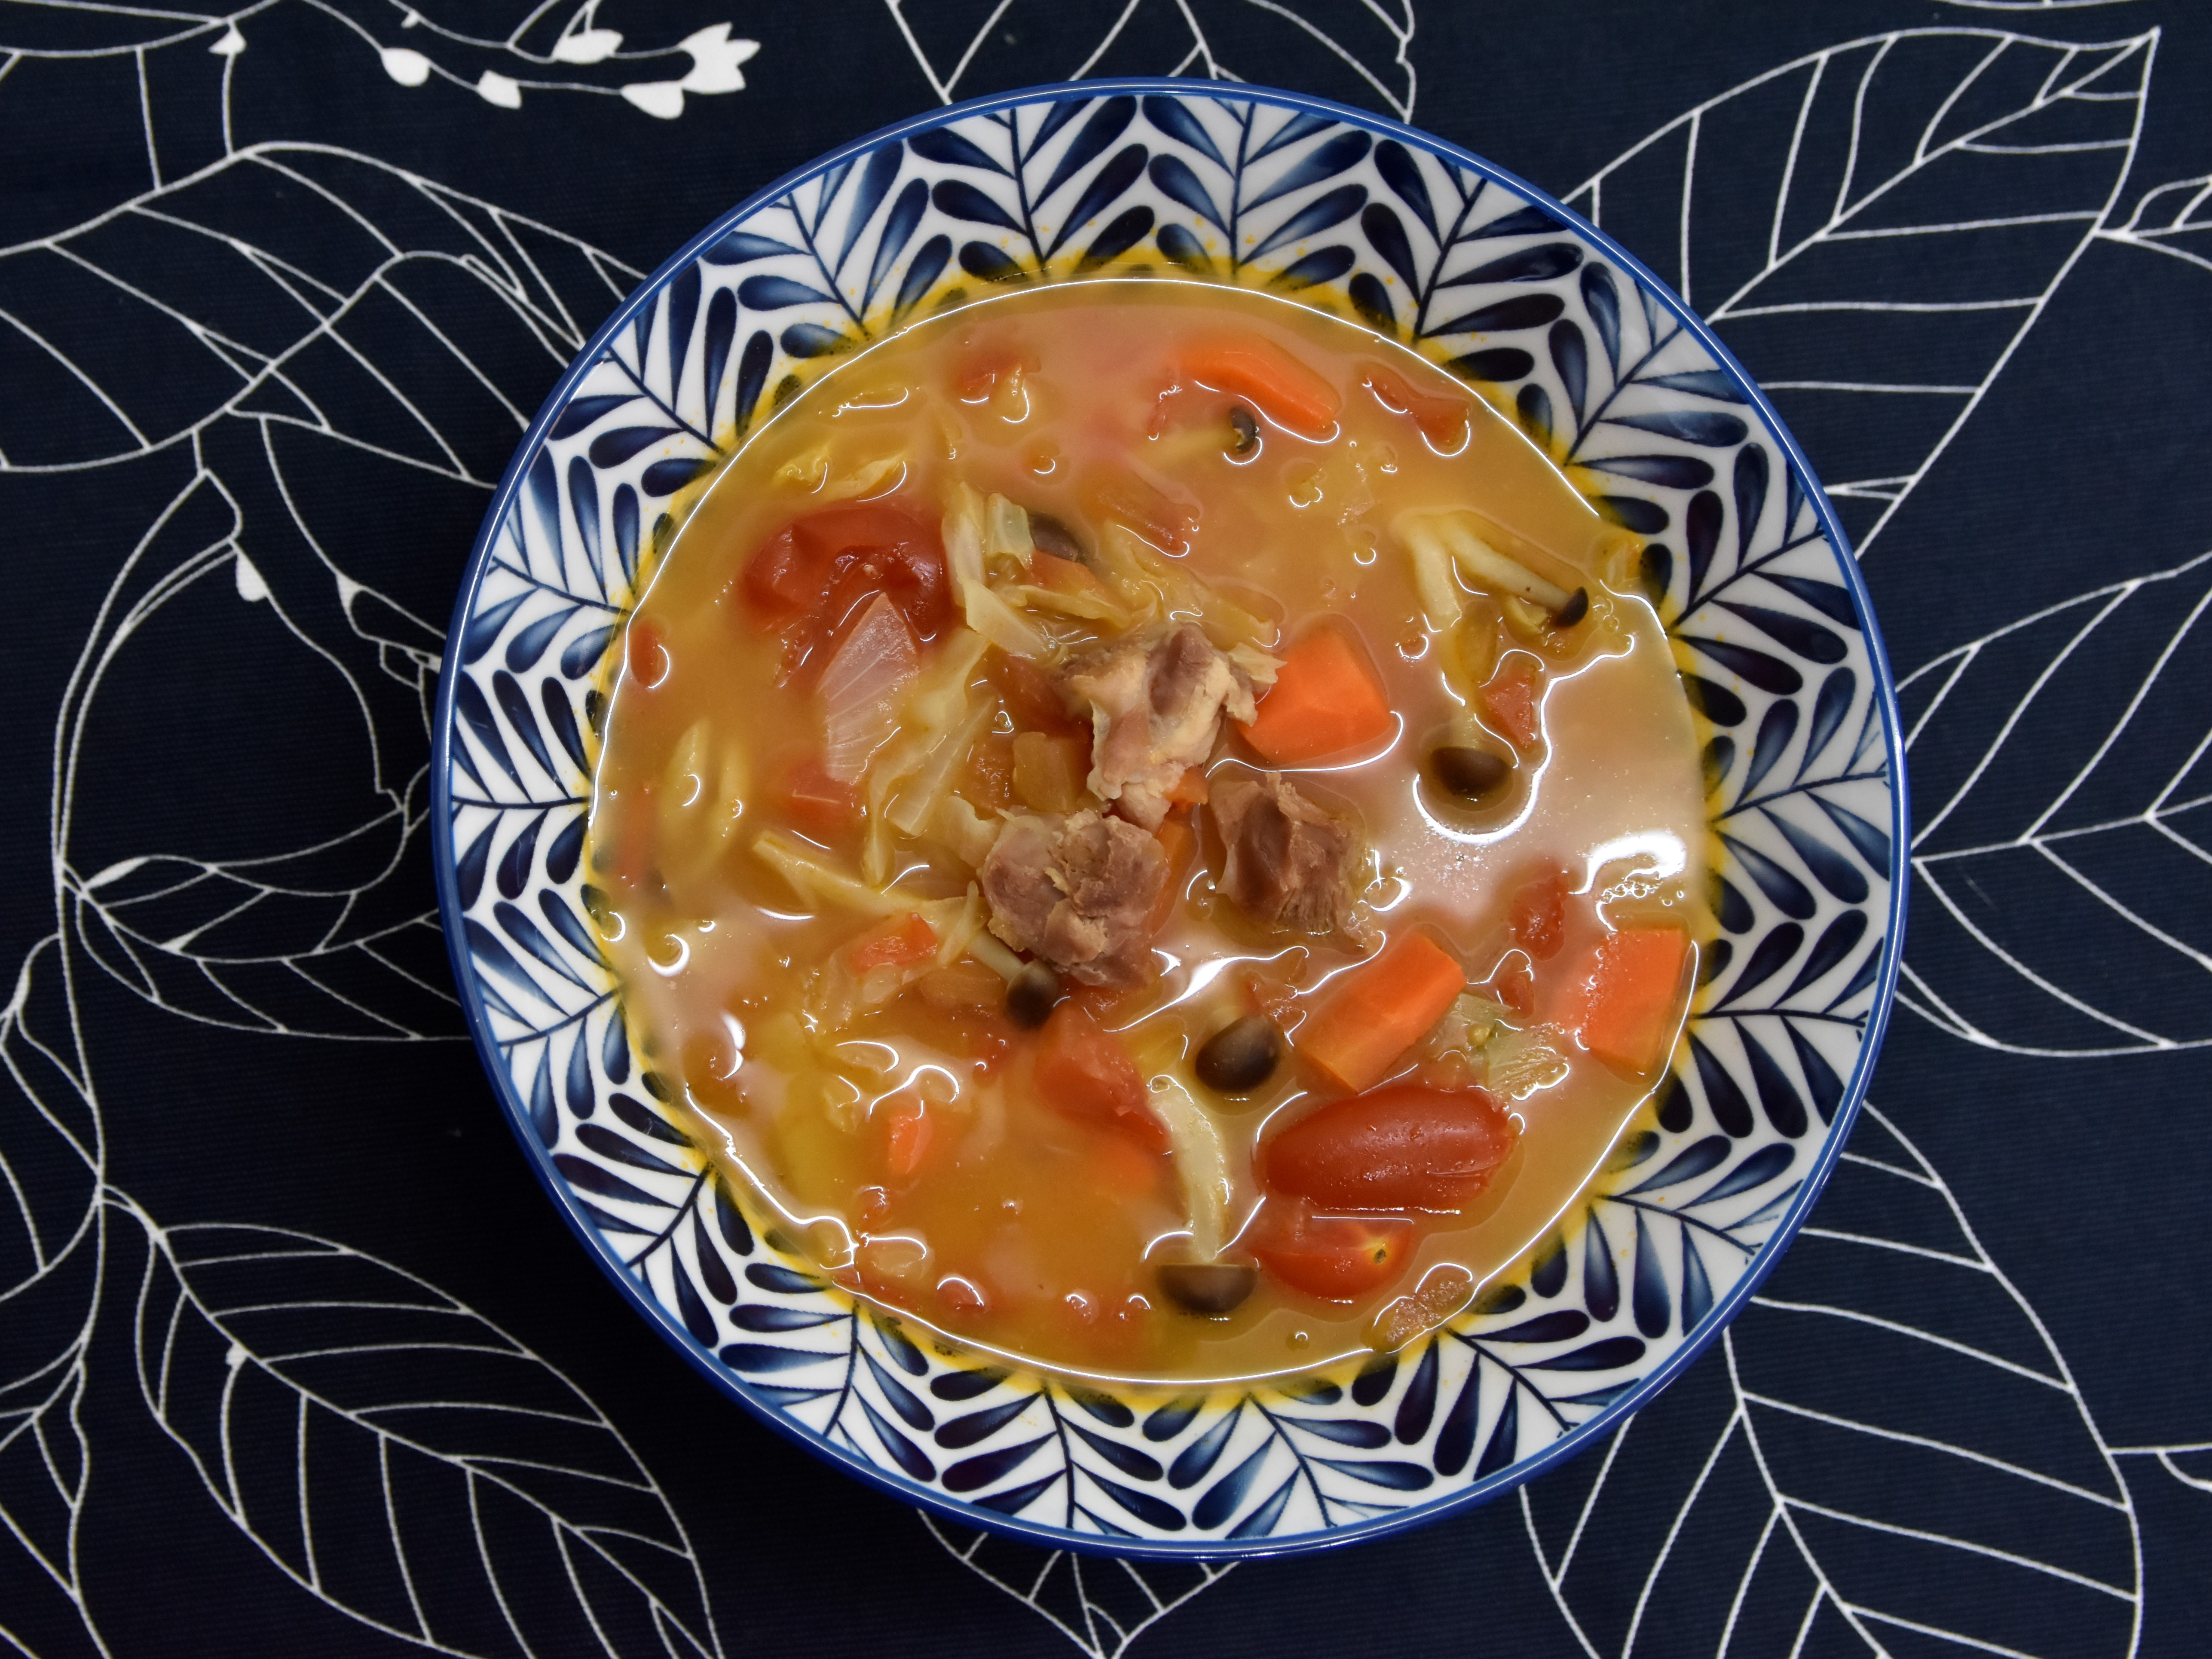 雞肉食譜分享:酸酸甜甜的番茄蔬菜雞腿肉湯